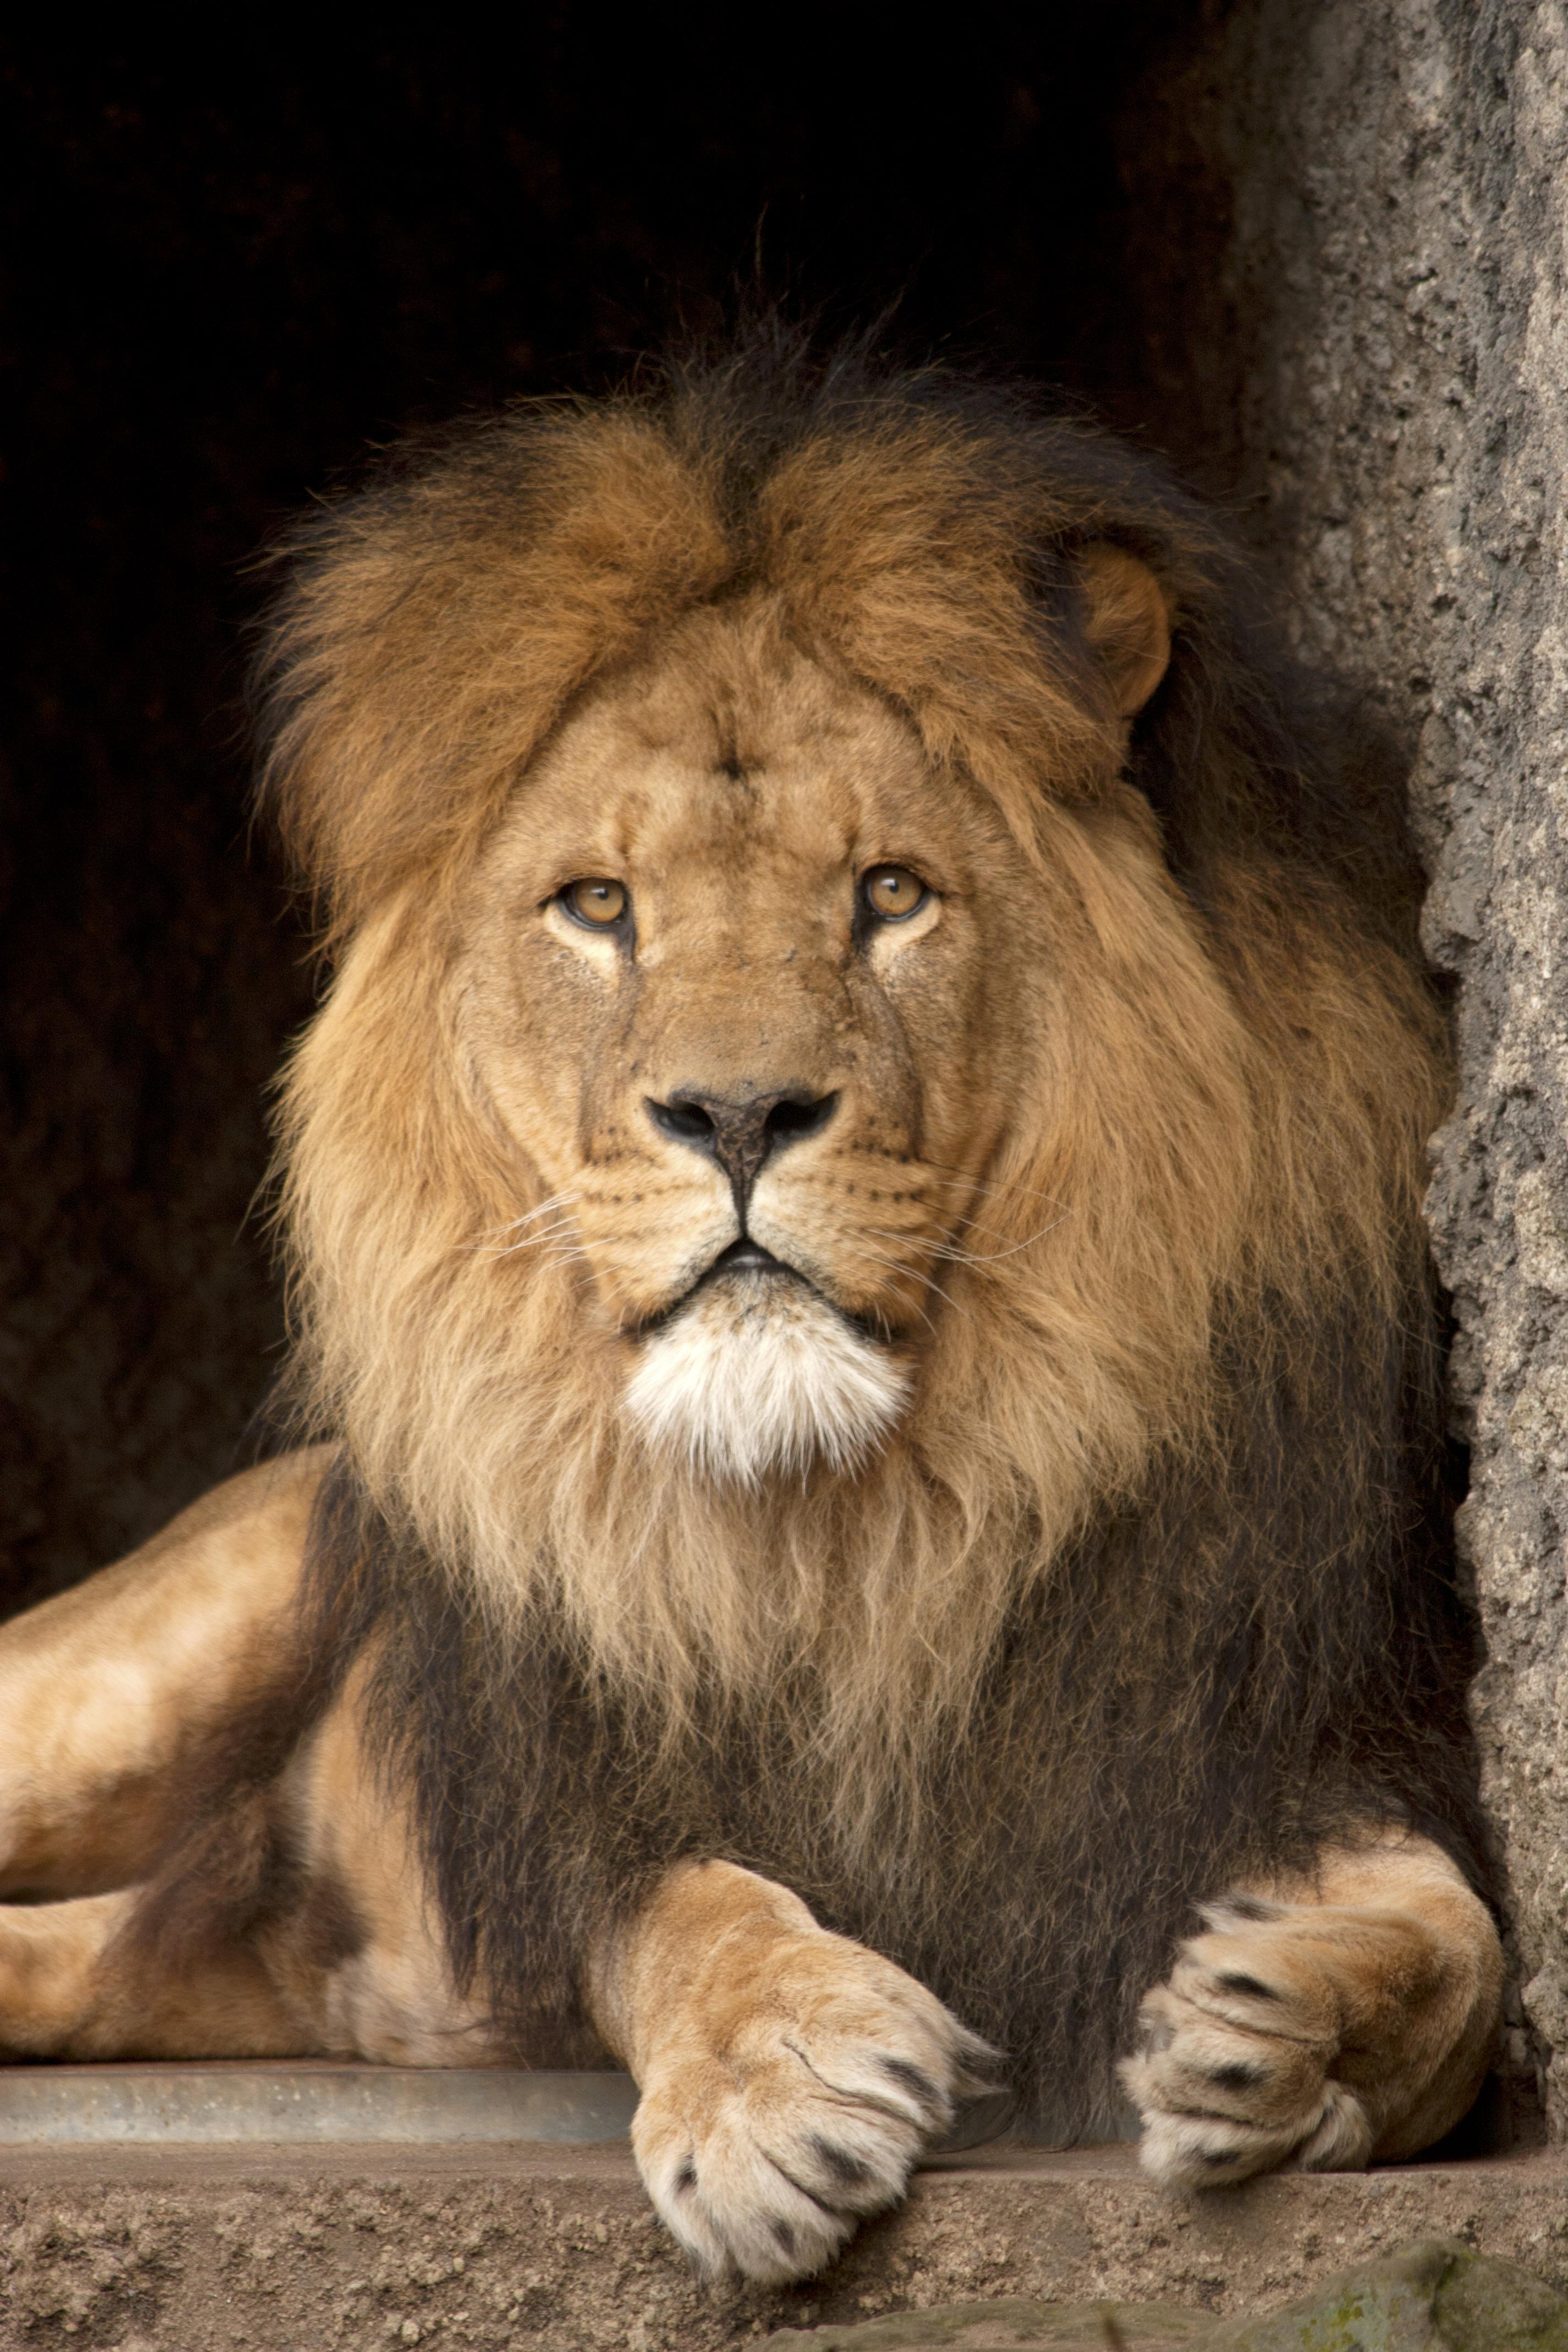 100711 Protetores de tela e papéis de parede Rei Das Feras em seu telefone. Baixe Animais, Leão, Um Leão, Predator, Predador, Gato Grande, Visão, Opinião, Rei Das Feras, Rei Das Bestas fotos gratuitamente